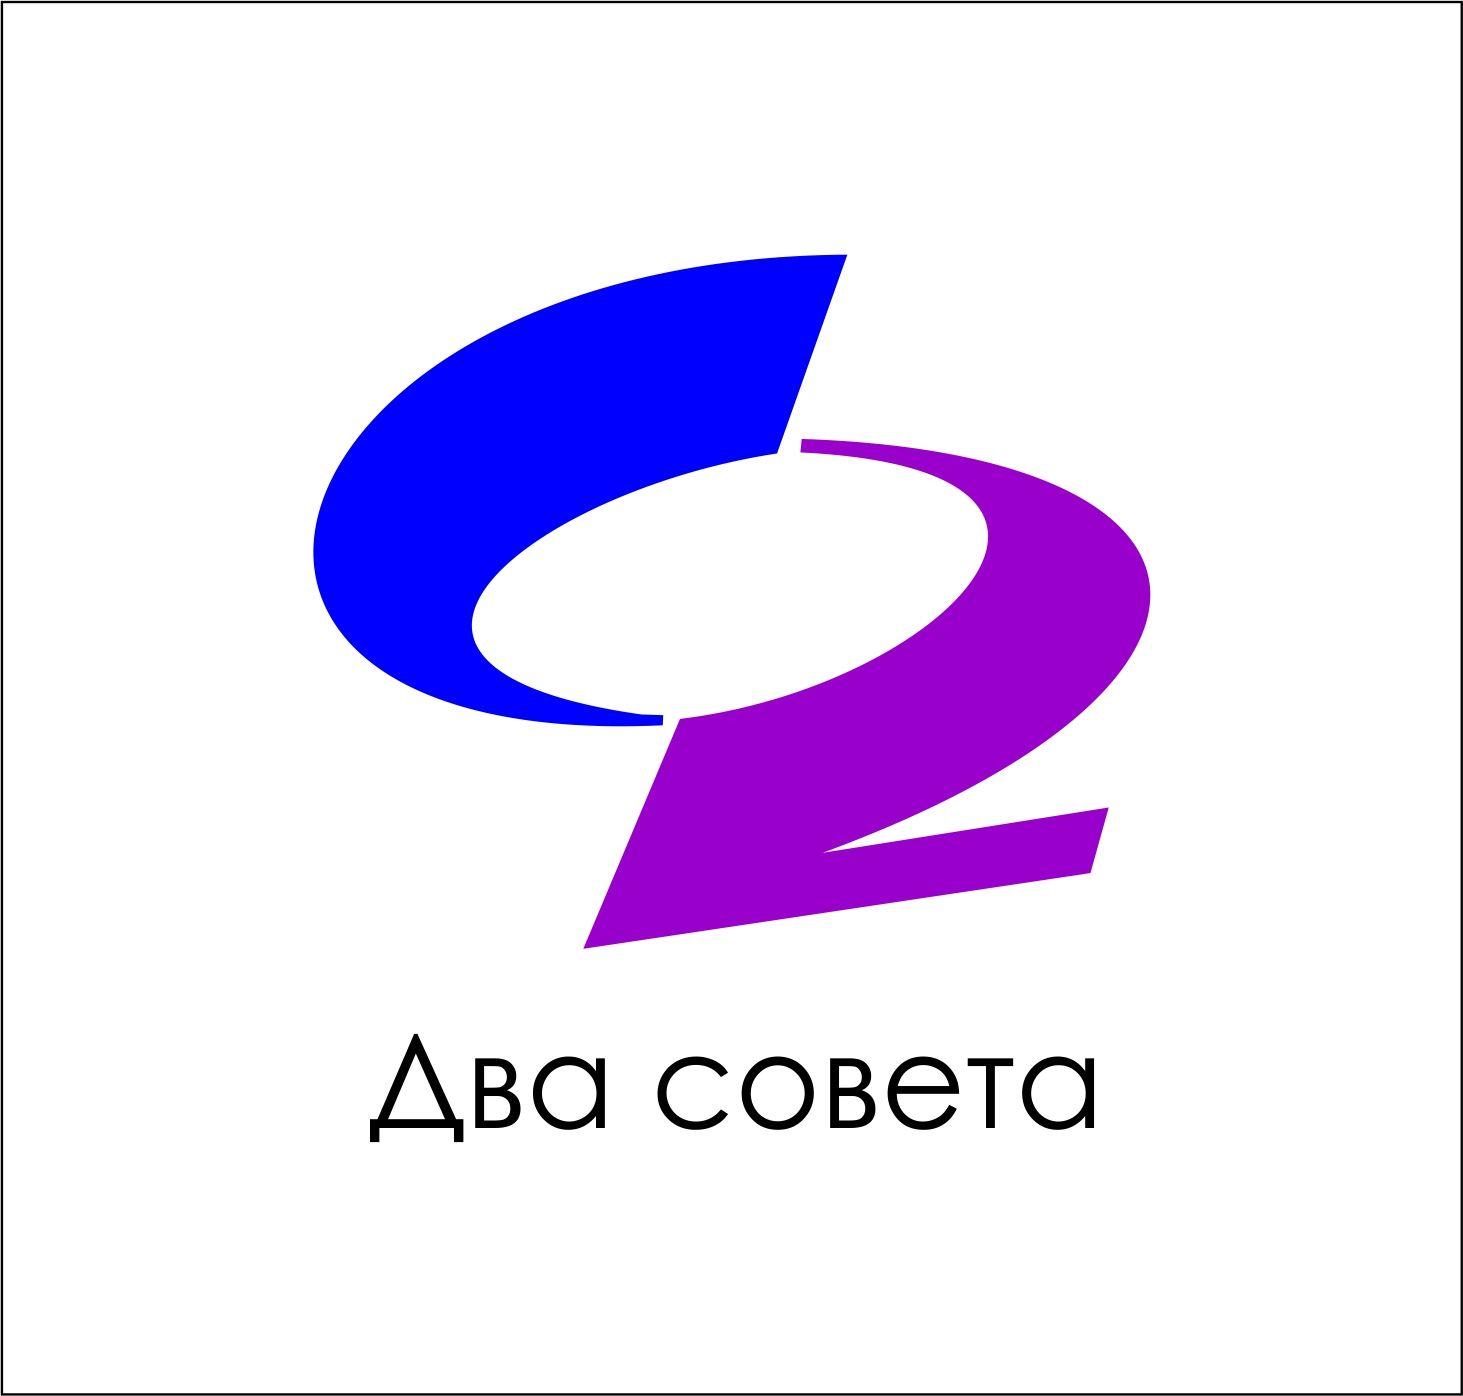 Фирменный стиль для ДваСовета - дизайнер Krasivayav